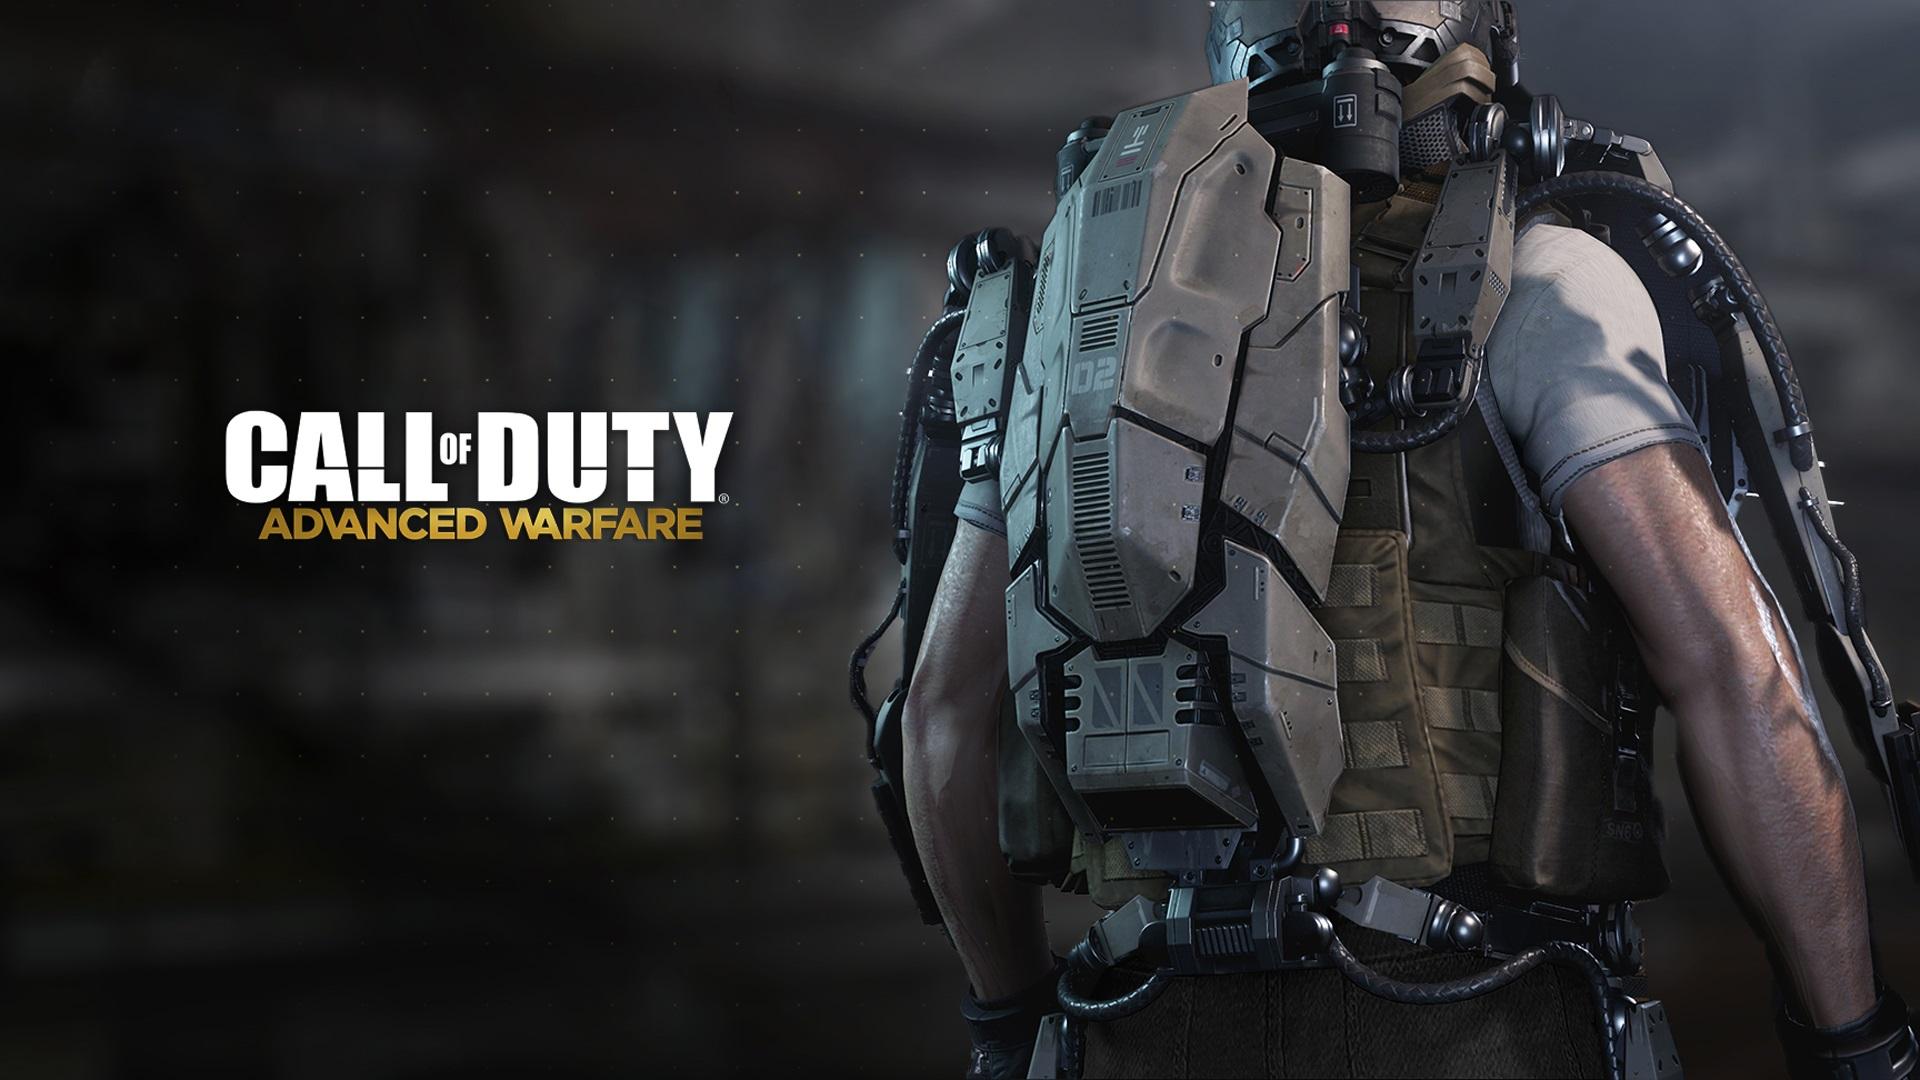 Advanced_Warfare_Wallpaper_HD_1080